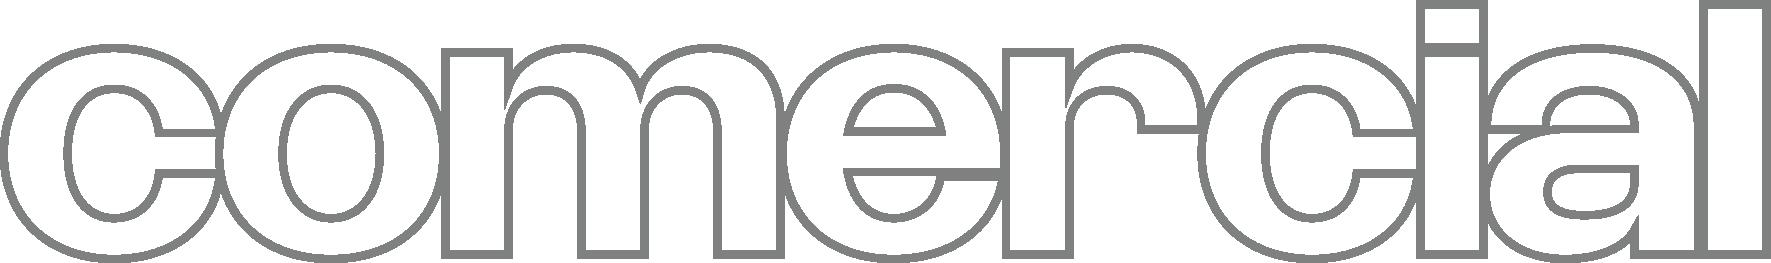 Processo Comercial - Desenvolvimento de - Desenvolvido por Moum House - Estudio Criativo e Consultoria Especializada em Marcas de Moda, Bolsas e Sapatos em São Paulo